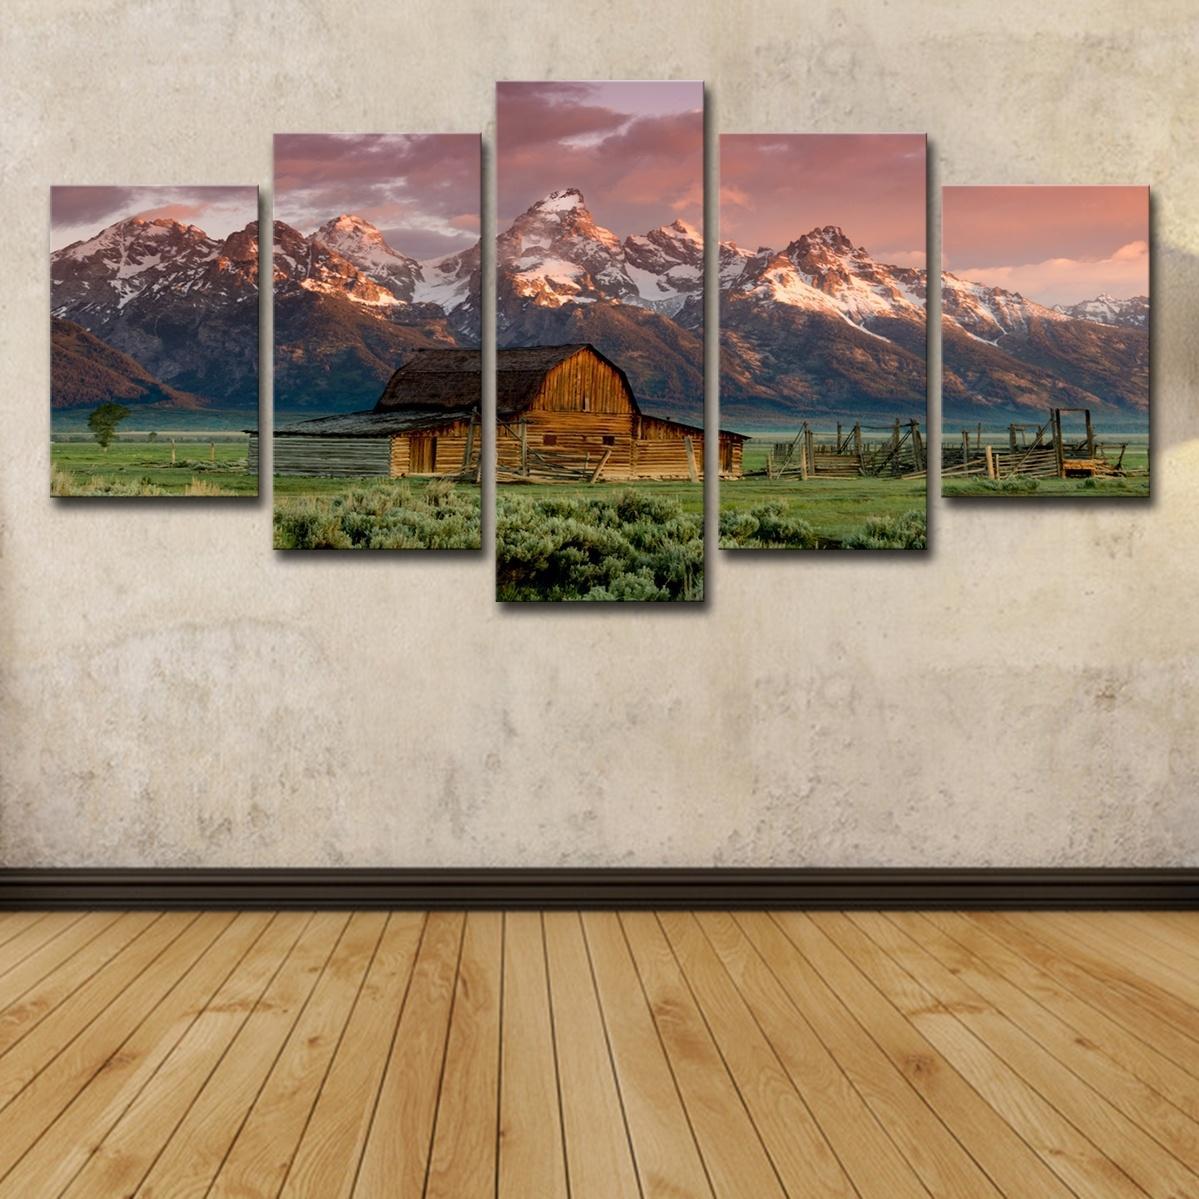 (유일한 캔버스 프레임 없음) 5 개 반 헛간 록키 산맥 오두막 가로 벽 아트 HD 인쇄 캔버스 회화 패션 매달려 사진